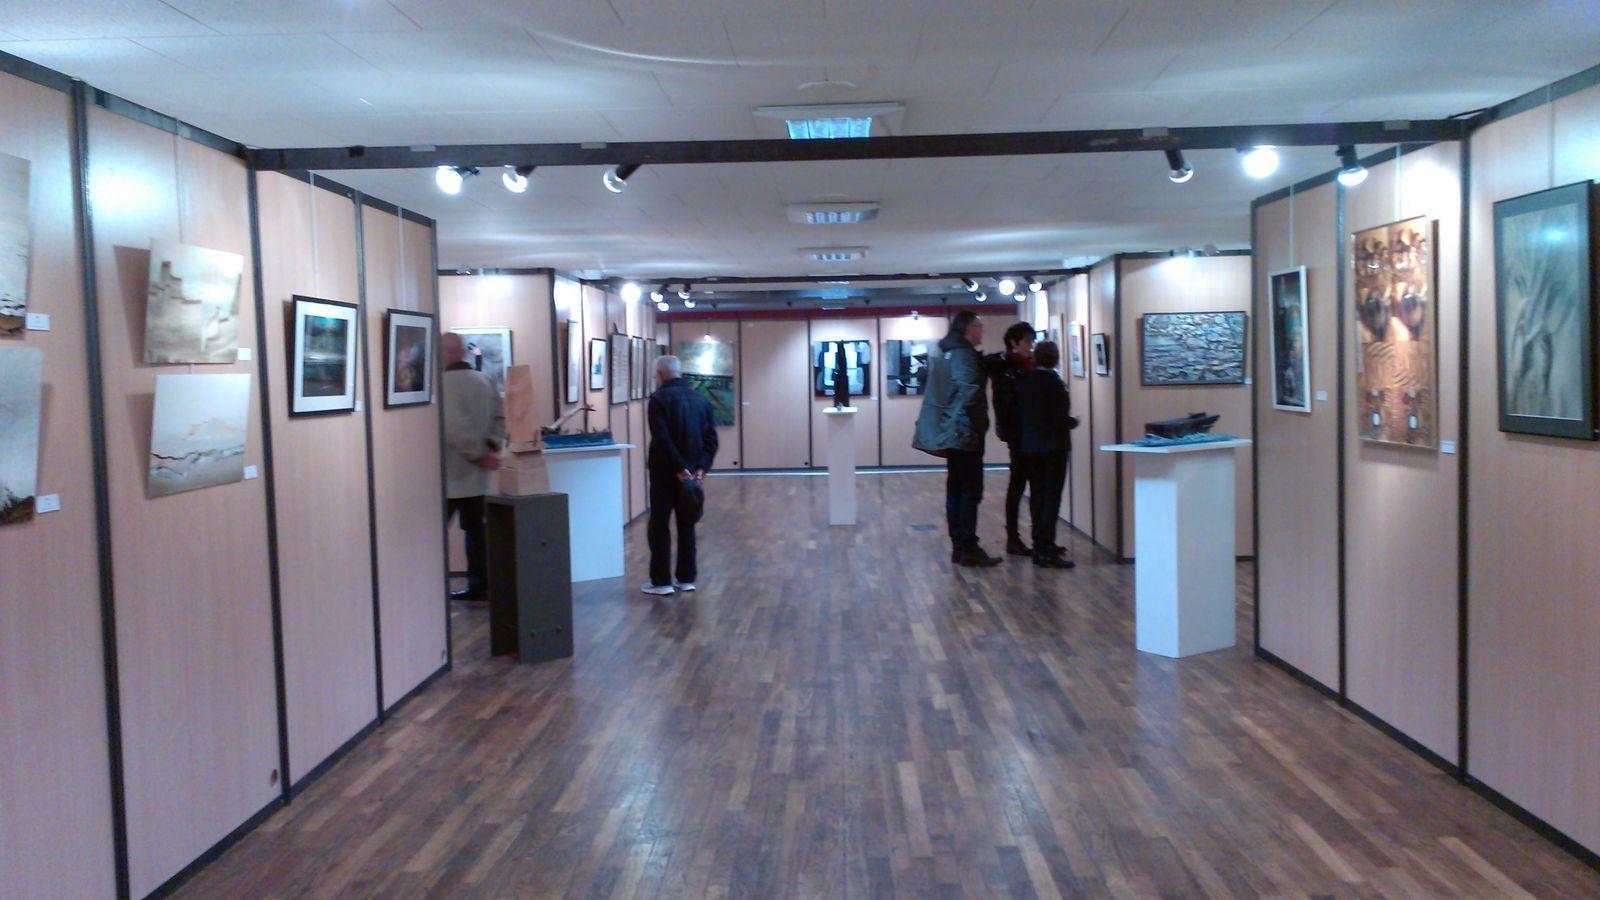 Salon des beaux arts de lorient 2016 lawrence wiland for Salon des beaux arts